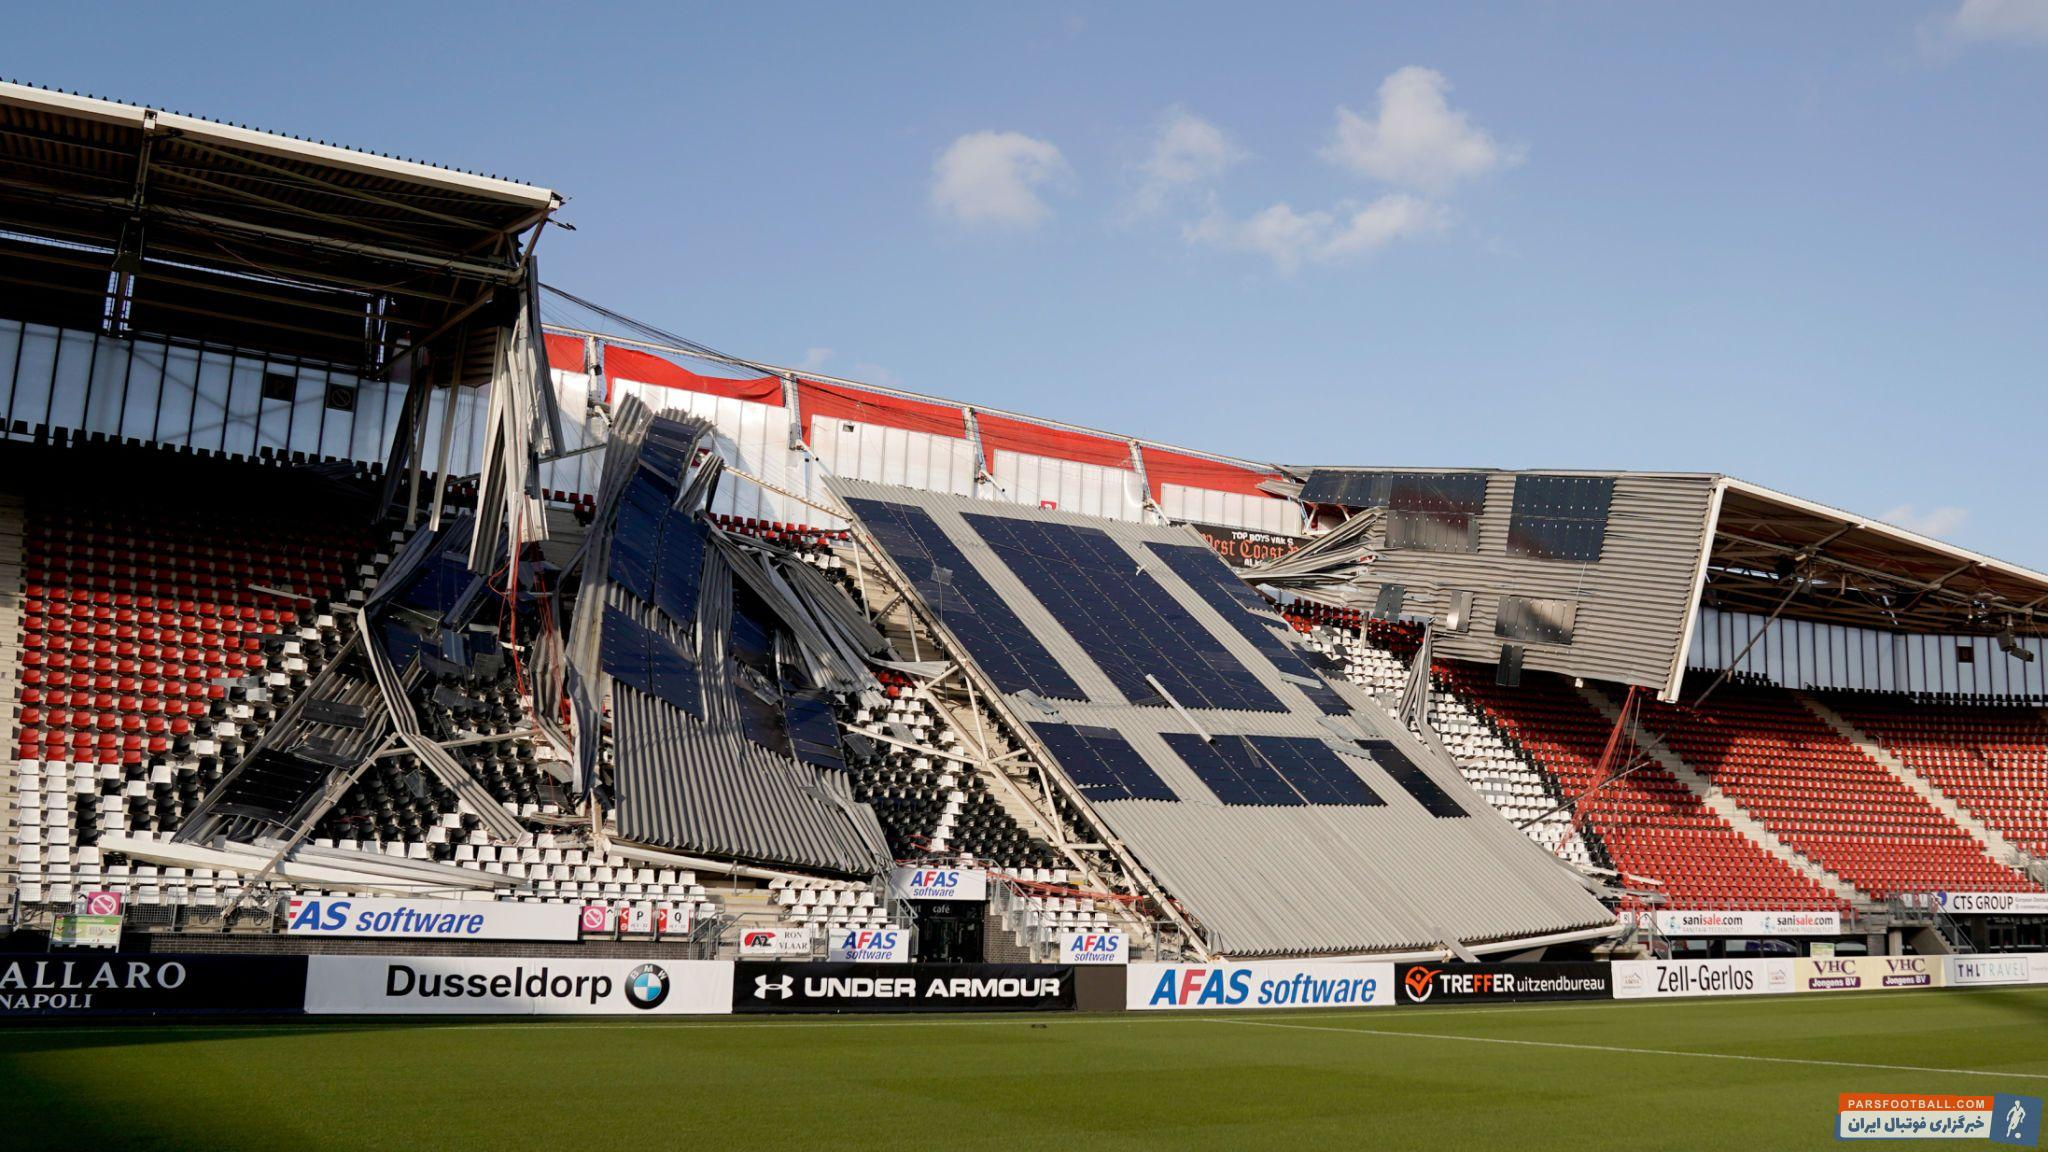 بخشی از سقف استادیوم خانگی باشگاه هلندی آ زد آلکمار دیروز شنبه به دلیل وزش باد شدید فرو ریخت اما در این لحظات استادیوم خالی بود و کسی در آن حضور نداشت.